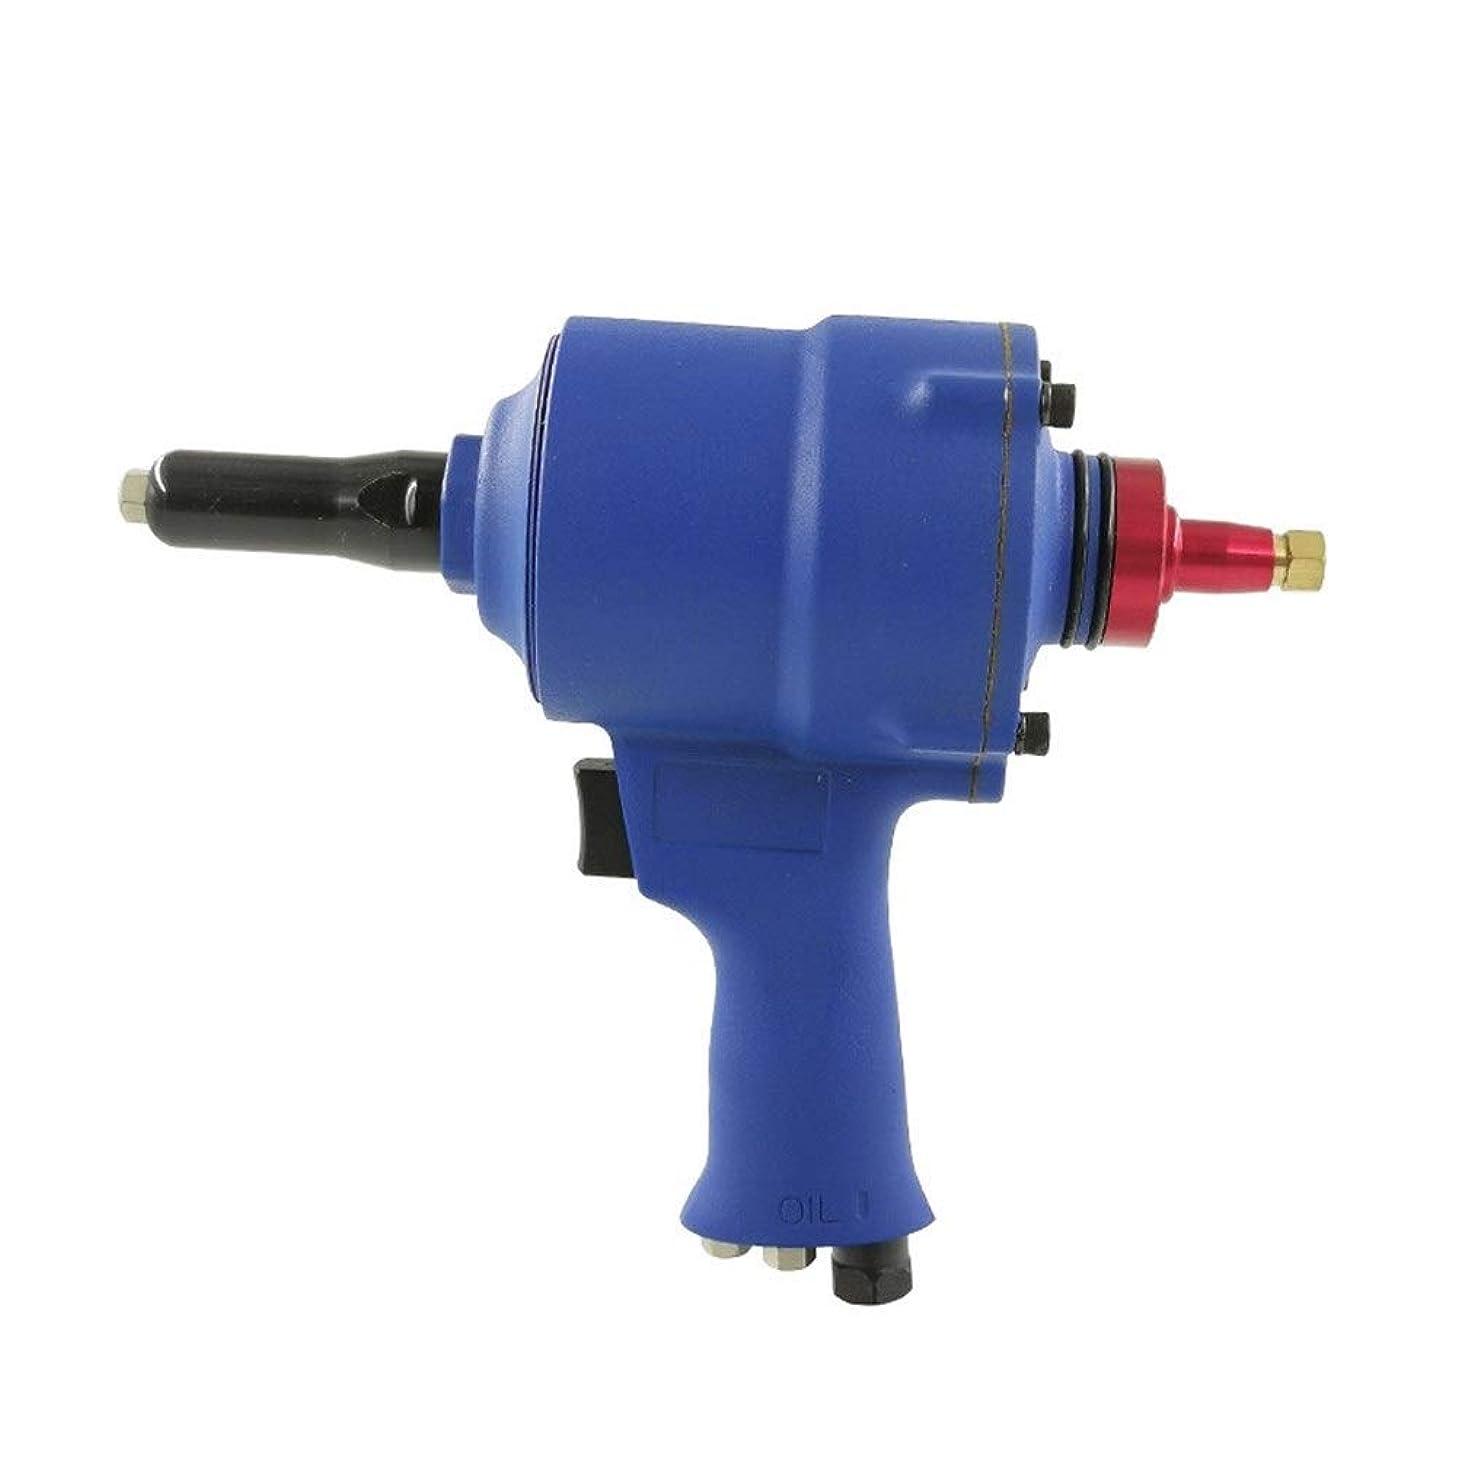 受益者寸前スツールエア工具 自吸式エアガンタイプリベットガン、ネイルガン空気圧ツール工業用グレードハンドツール ハンドツール (Color : Blue)